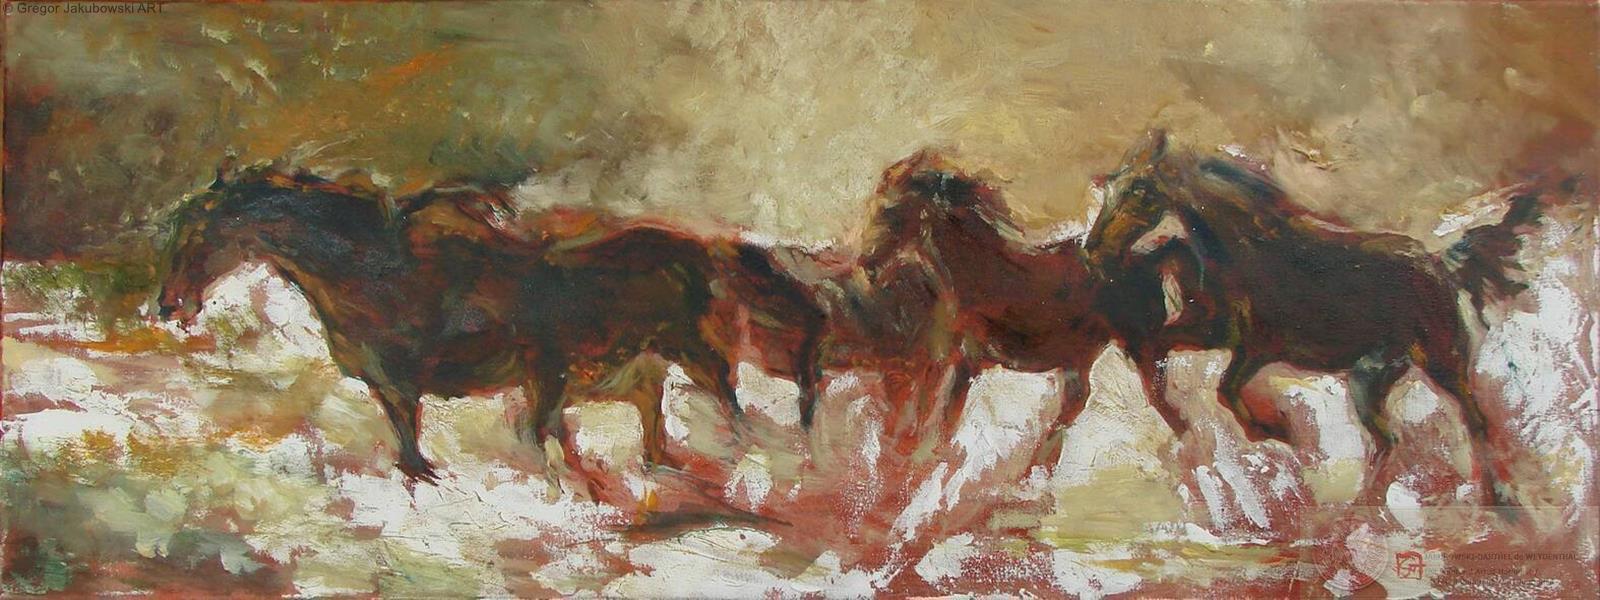 Gregor Jakubowski - Mouvement II 35x100 cm